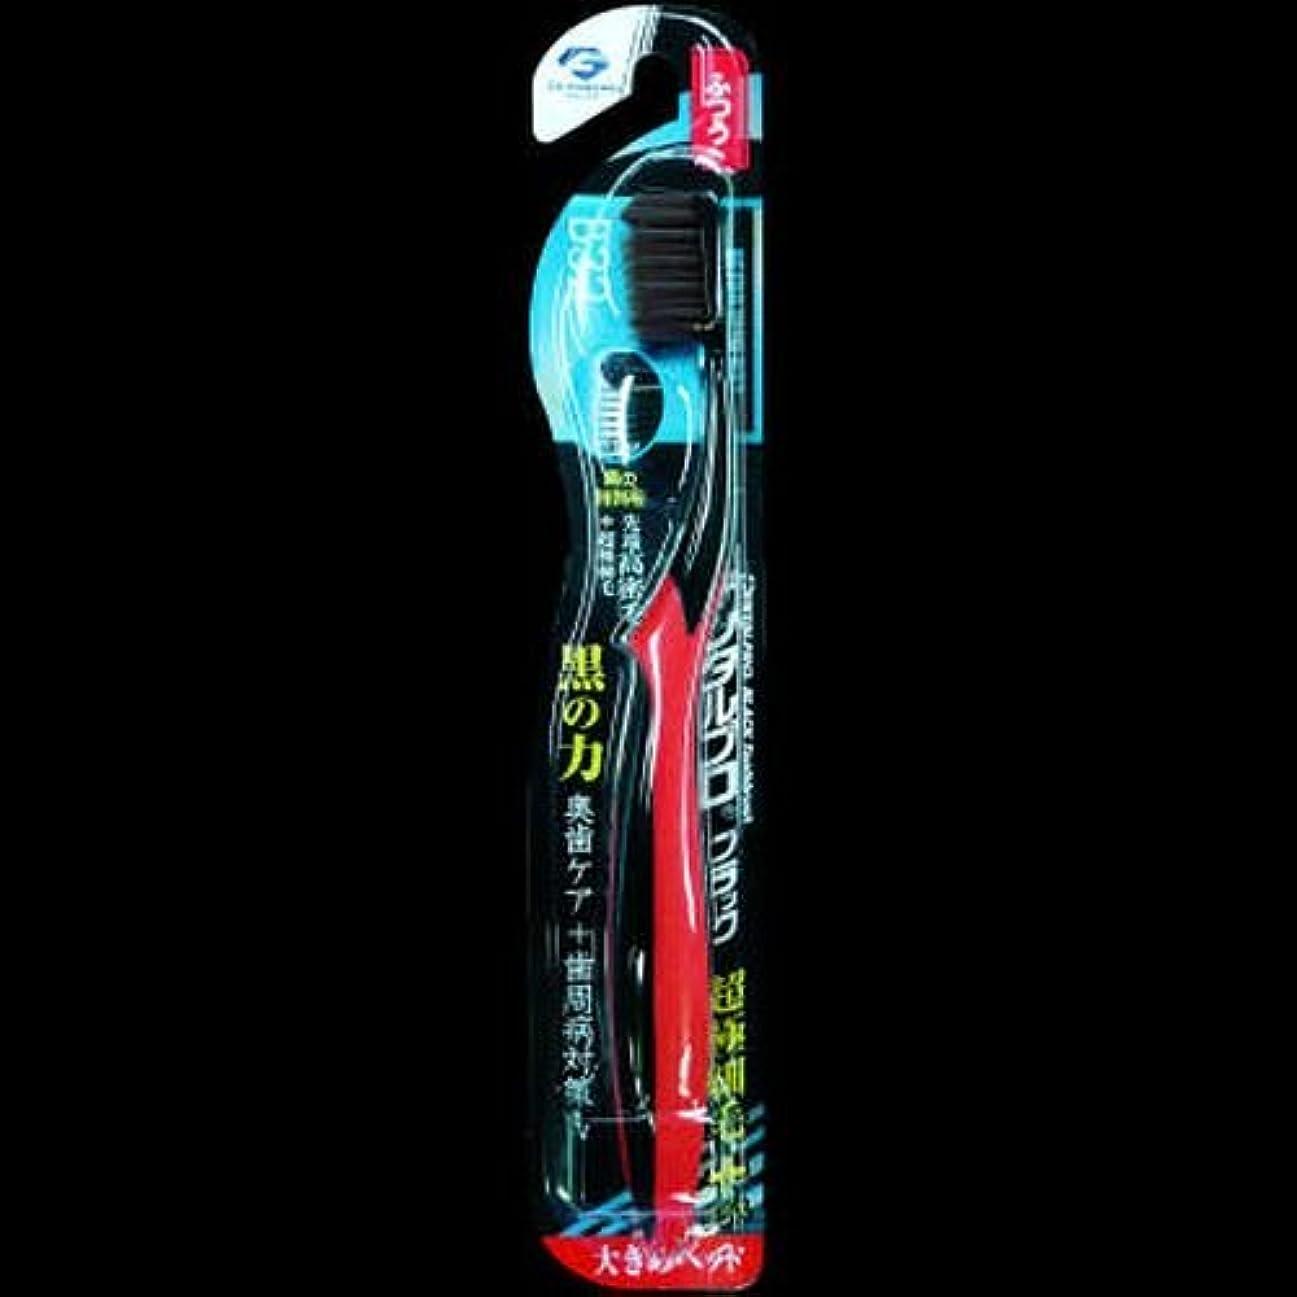 有効検出するジャンルデンタルプロ ブラック歯ブラシ 超極細毛プラス大きめヘッド ふつう ×2セット